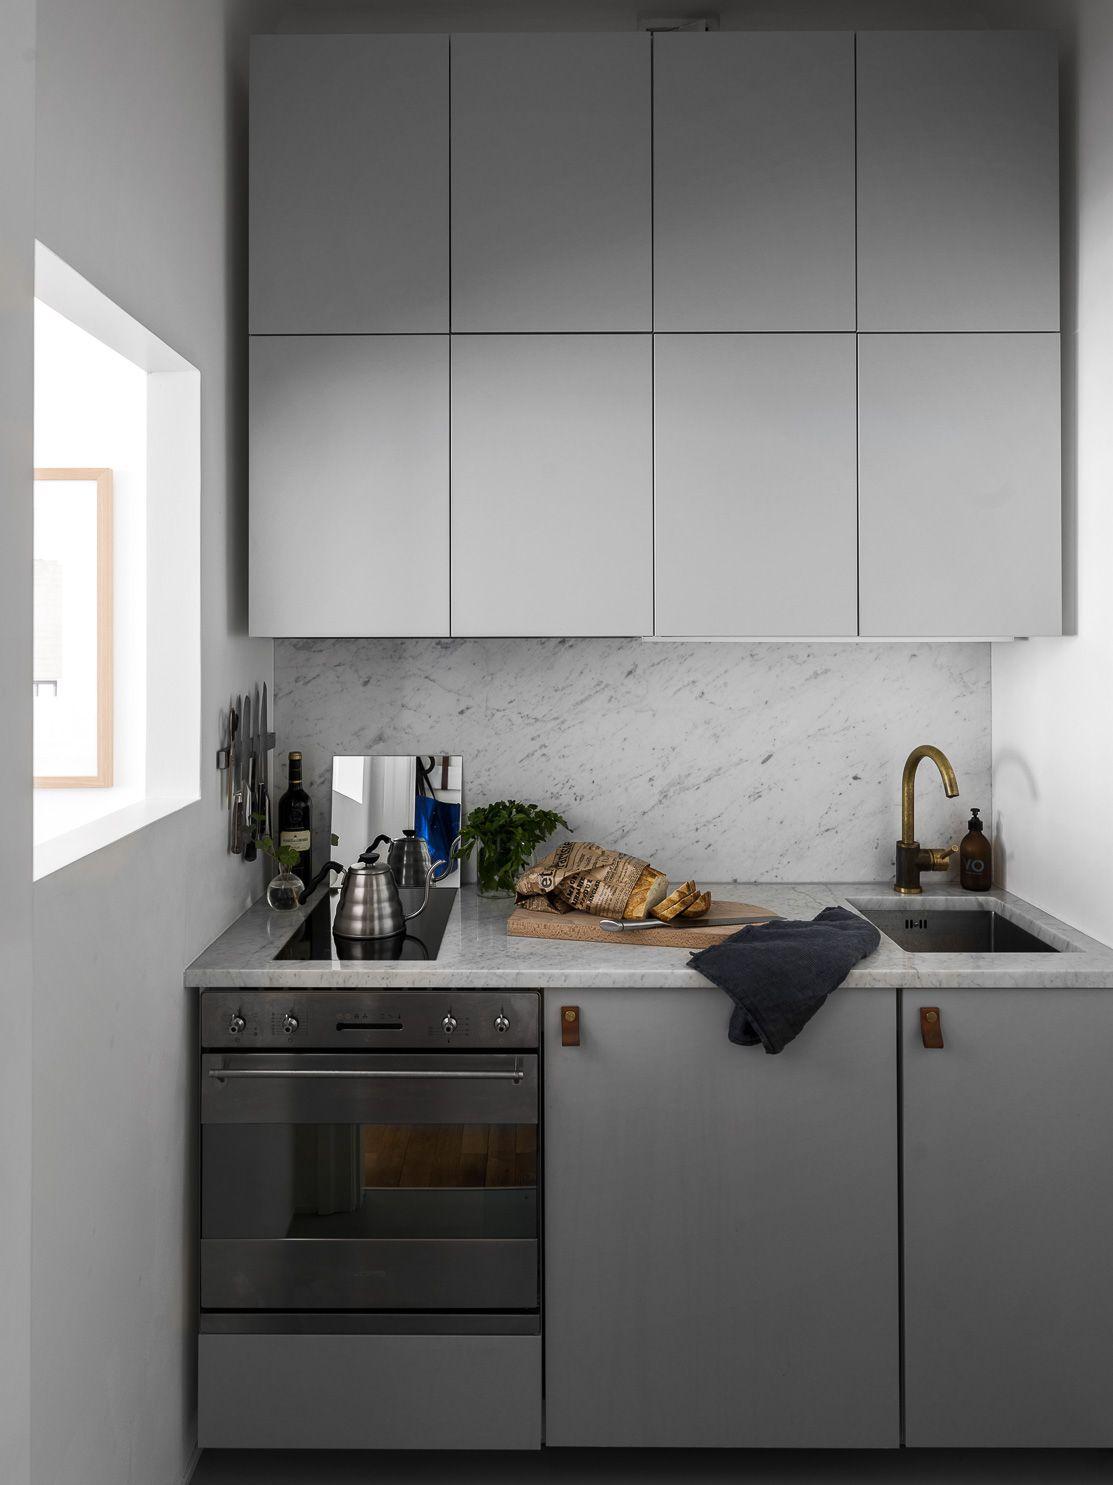 cuisine compacte et chic en gris clair cuisines kitchen i pinterest cocinas cocinas. Black Bedroom Furniture Sets. Home Design Ideas